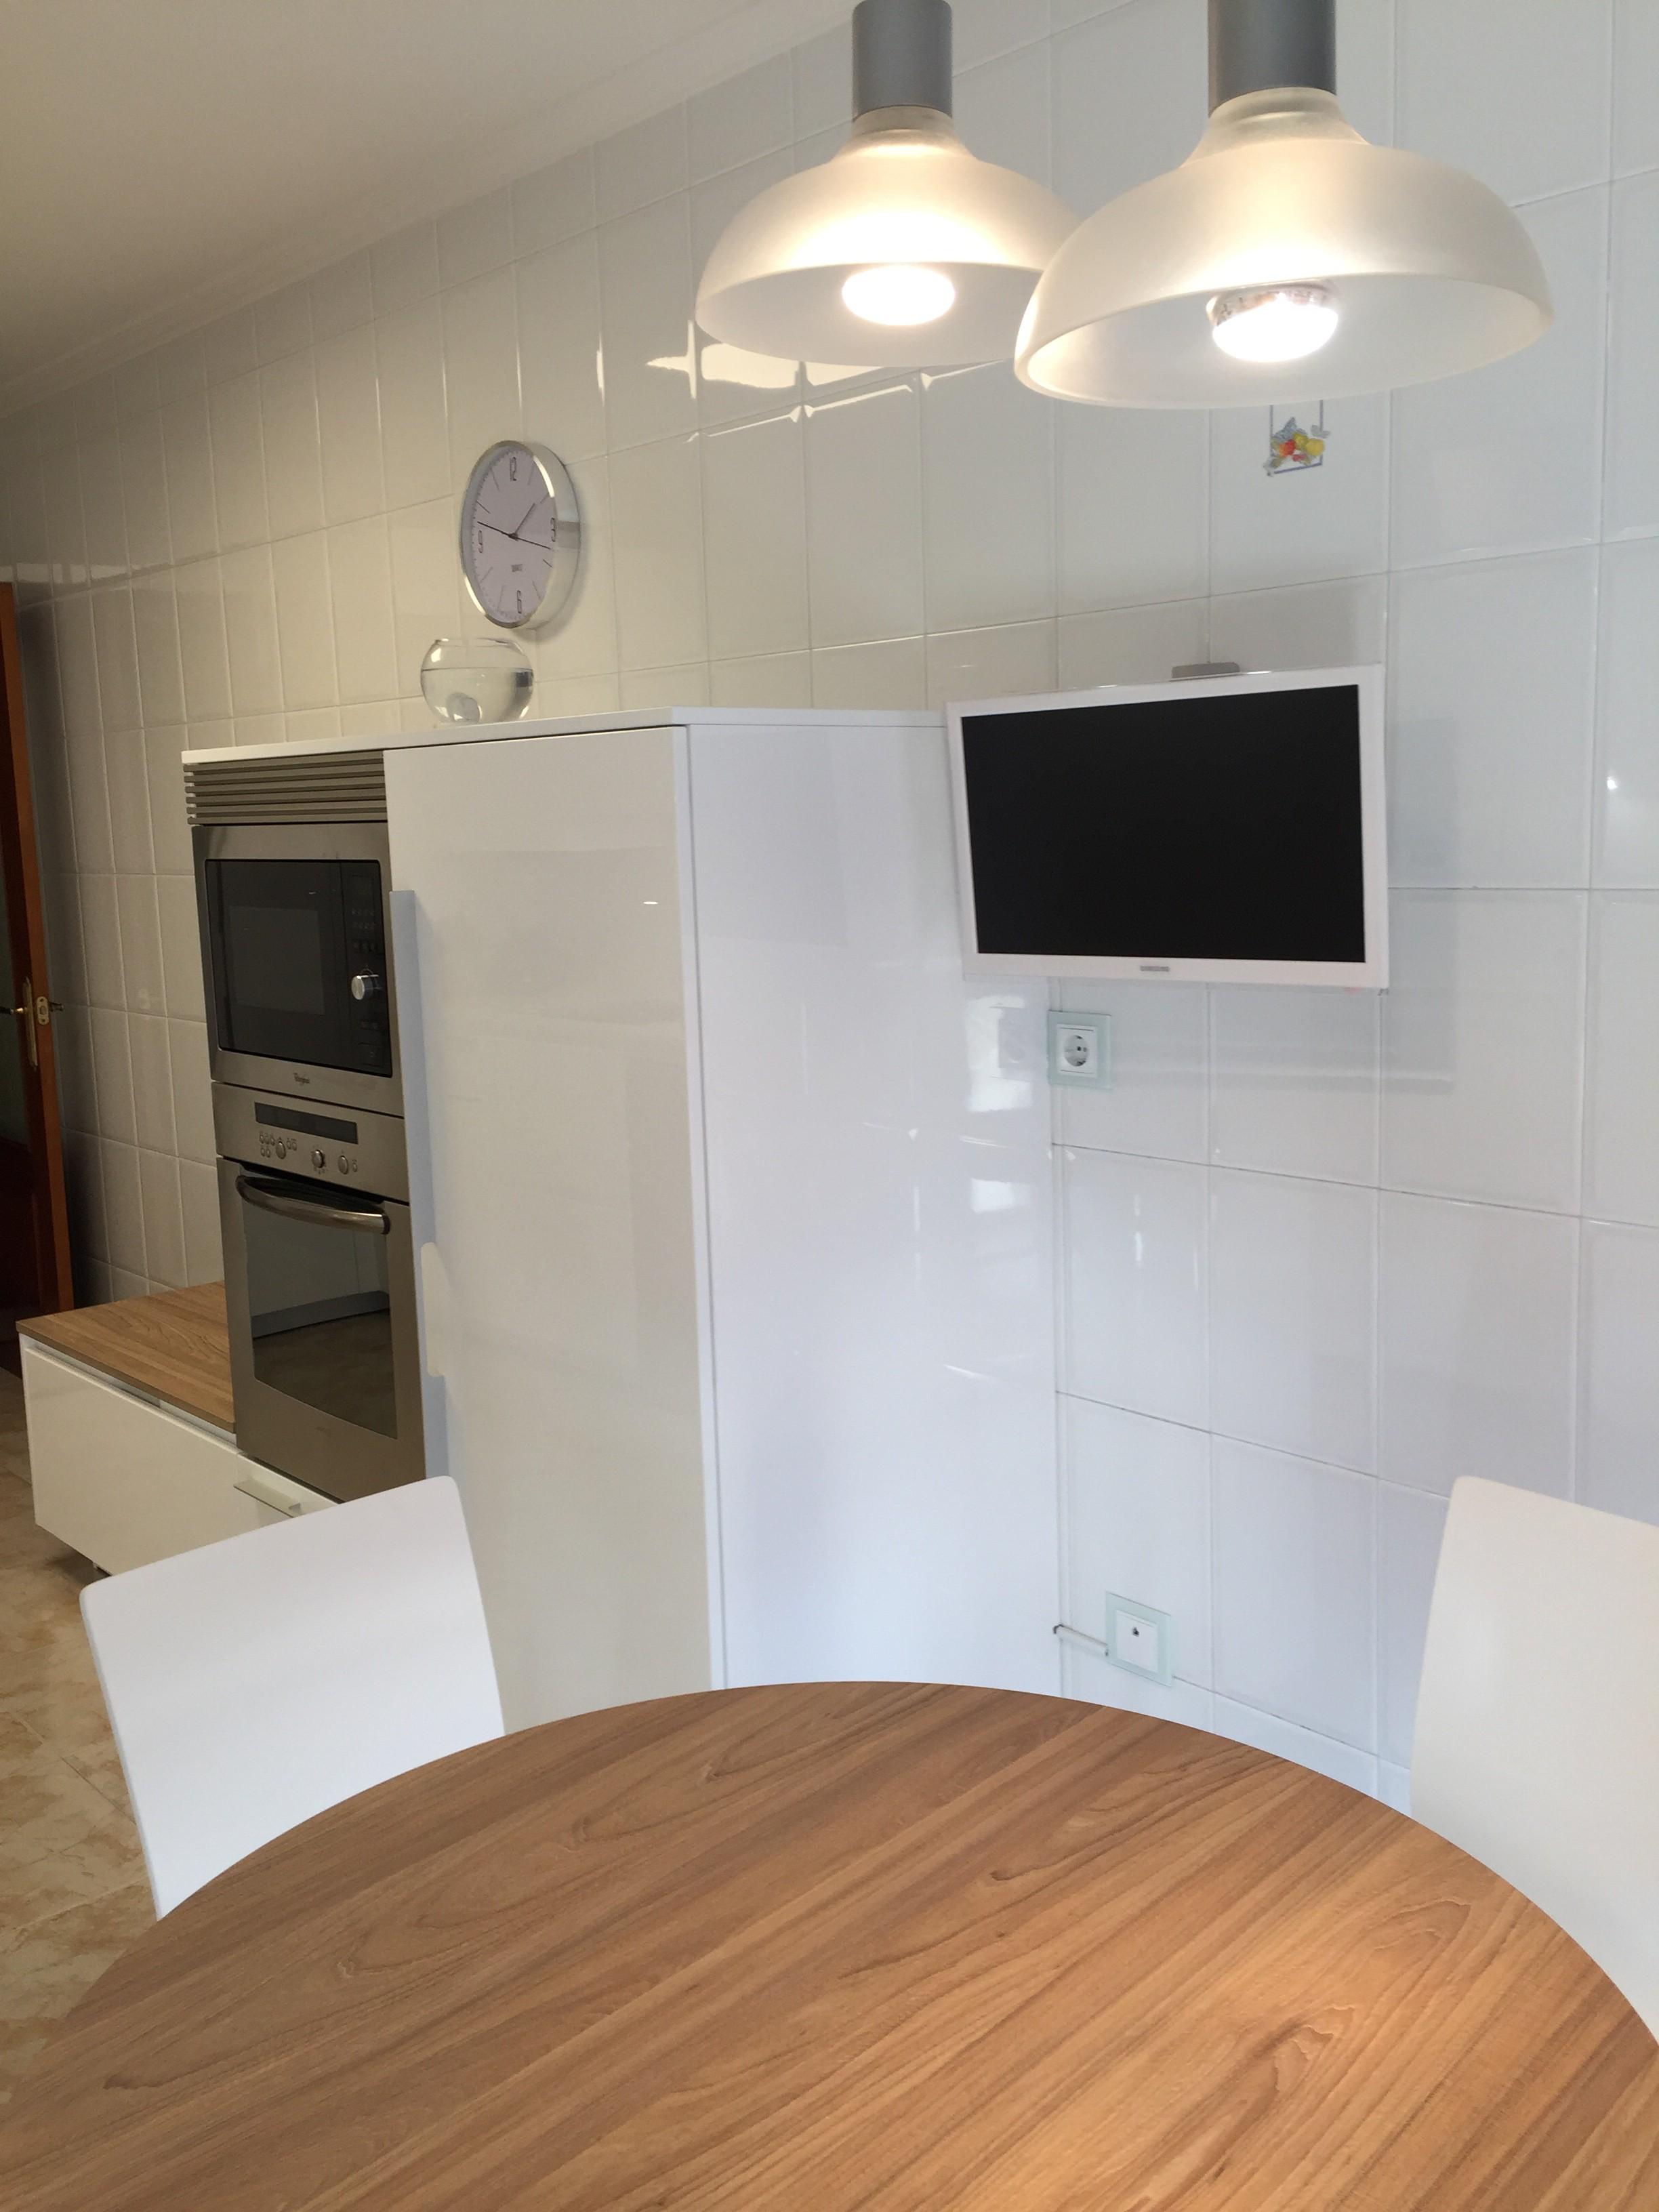 Cambiar cocina sin obras trendy podemos reformar su for Renovar dormitorio sin cambiar muebles